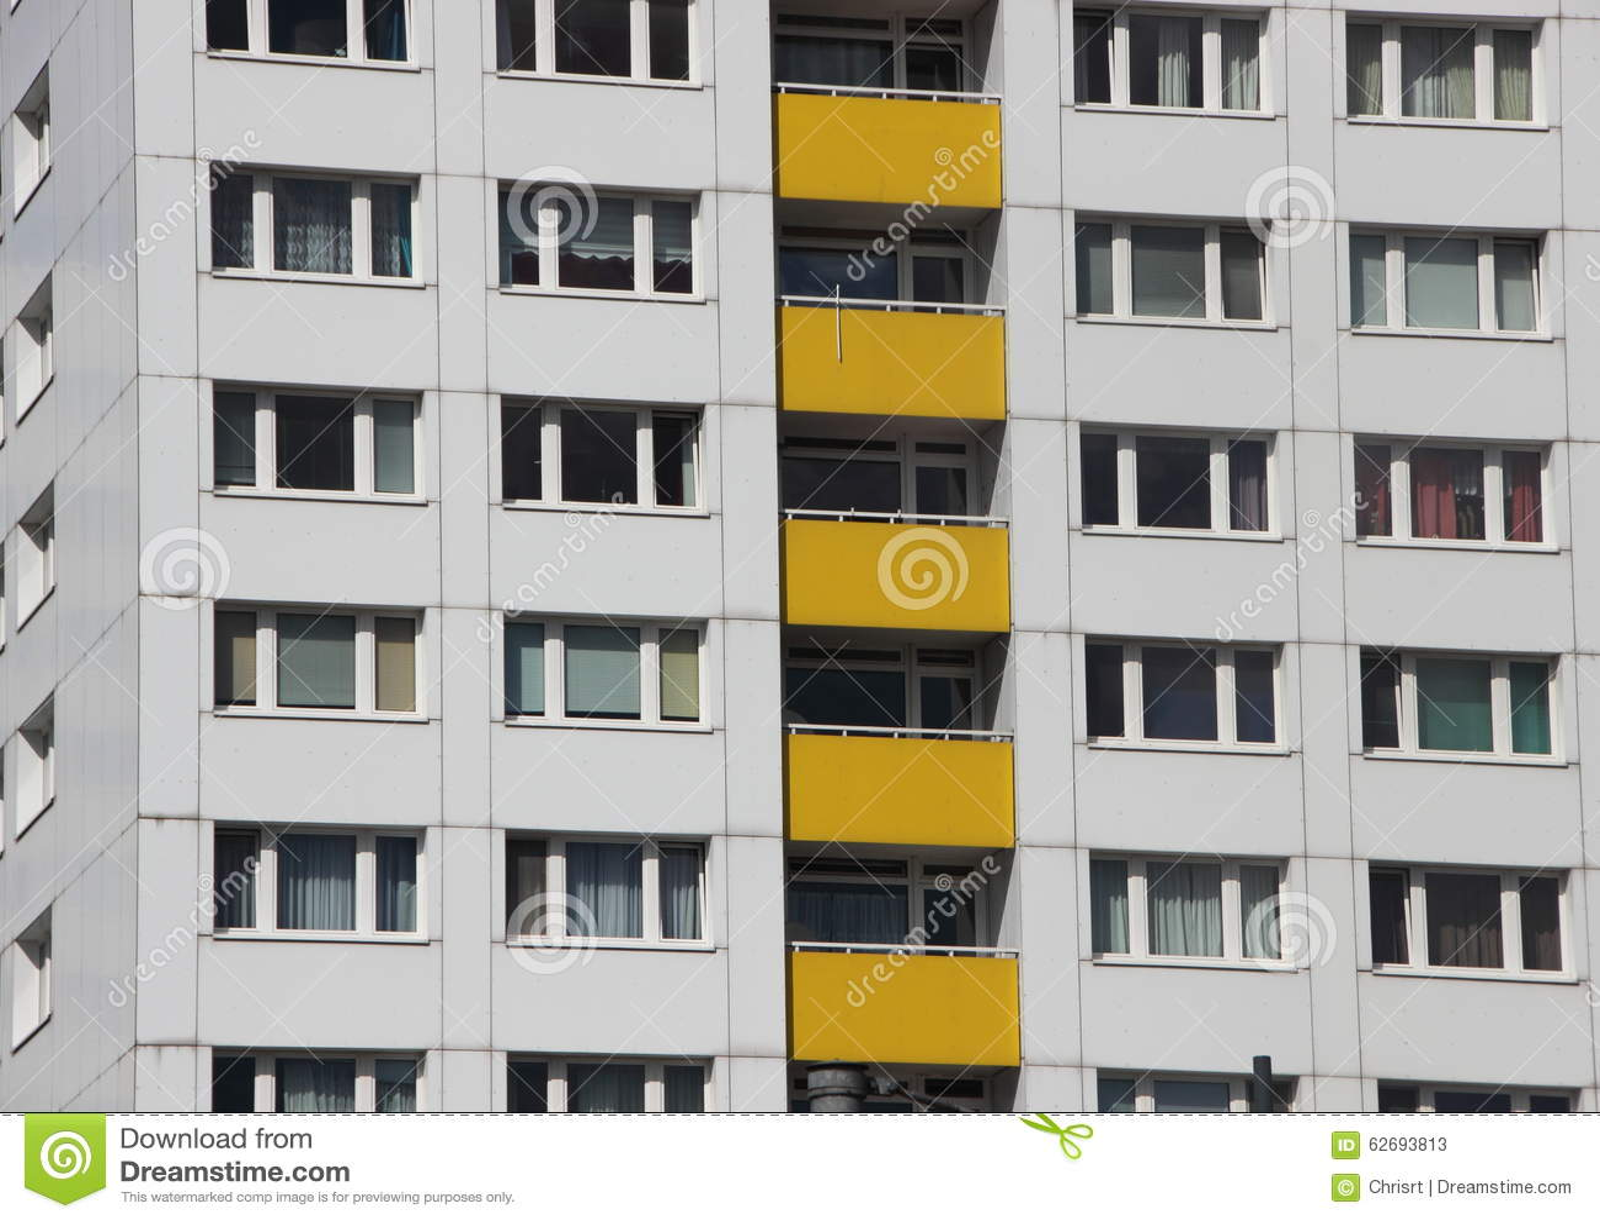 Apartment Building Facade apartment building facade with yellow color balcony stock photo